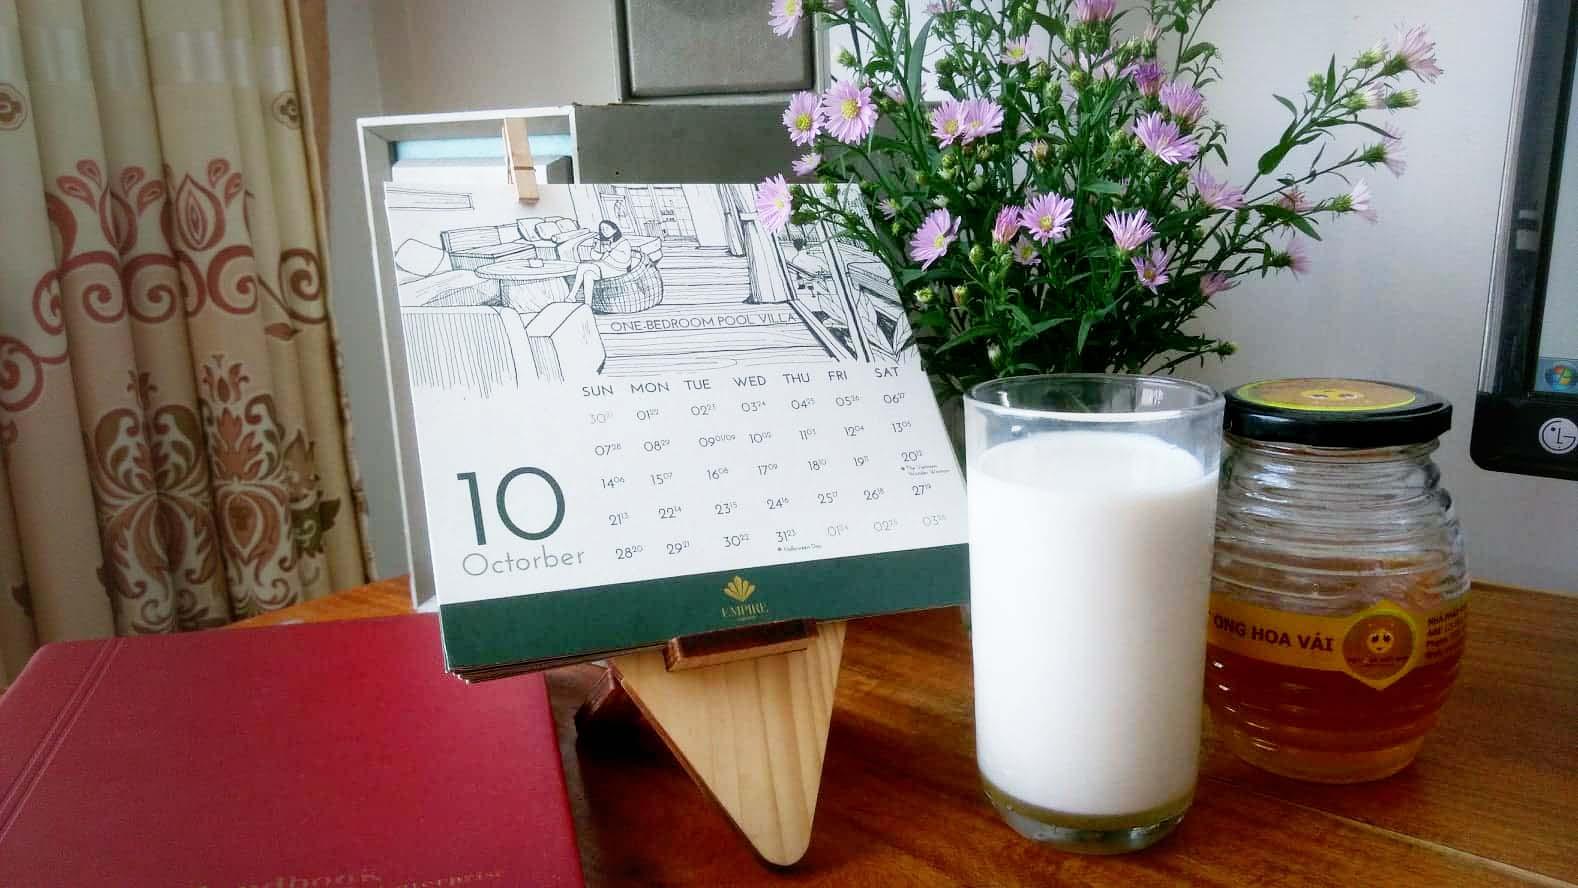 Uống Sữa Tươi Với Mật Ong Có Tác Dụng Gì ?